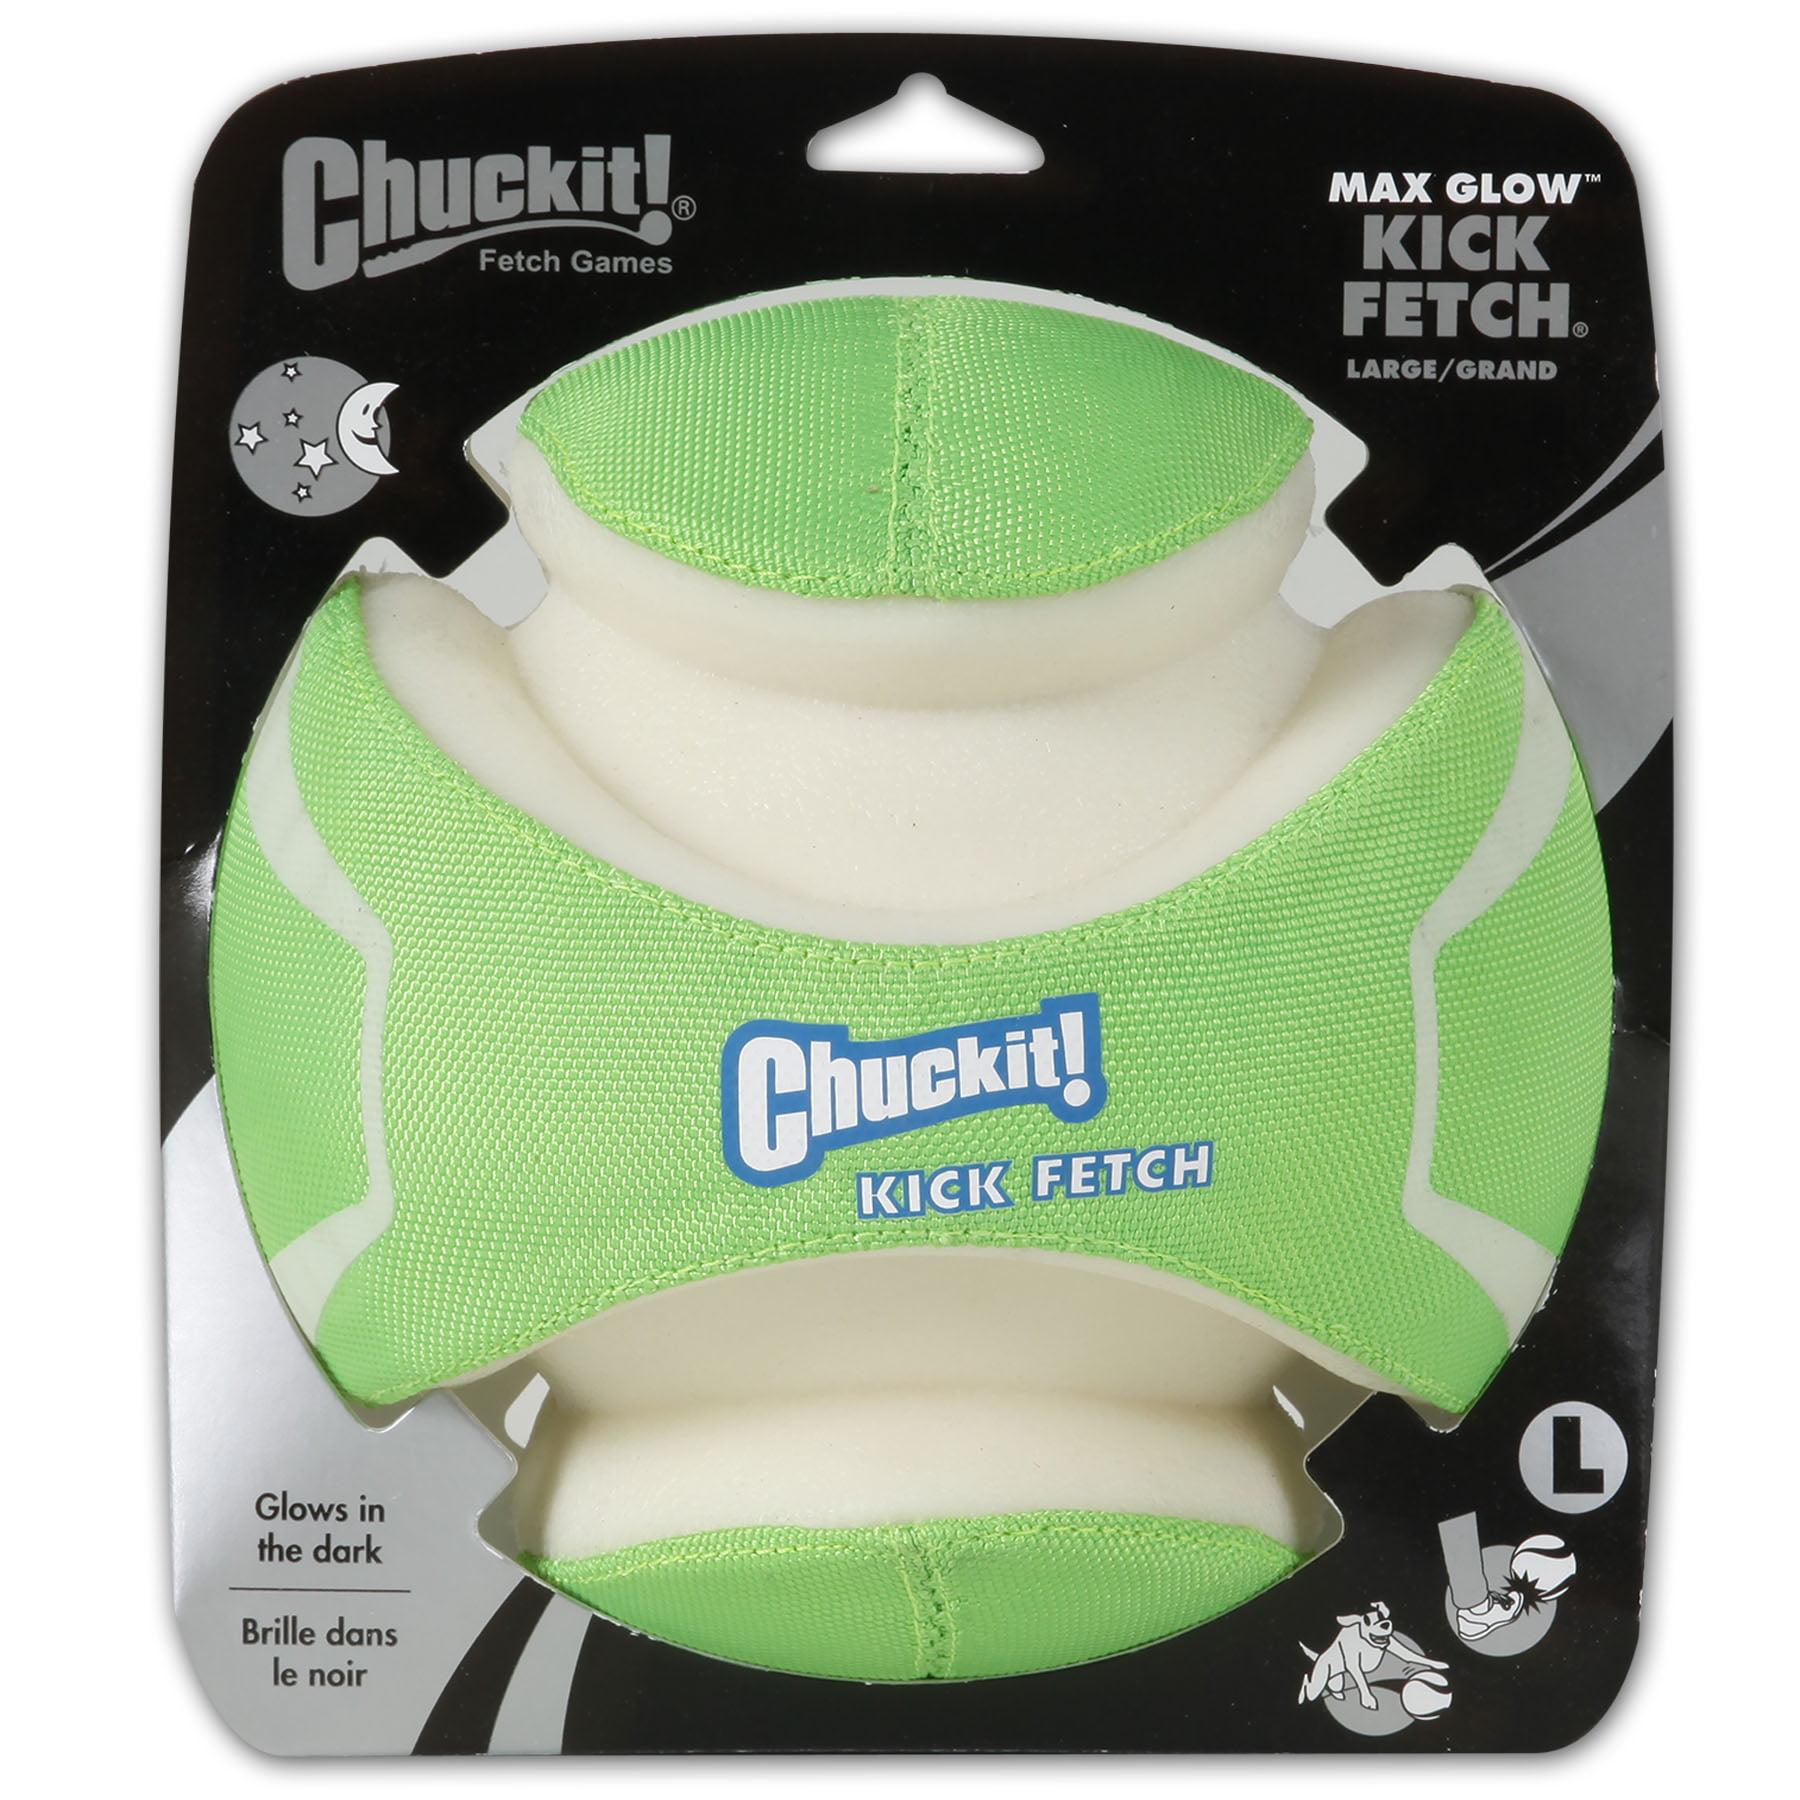 Chuckit! Kick Fetch Max Glow Dog ball, Large